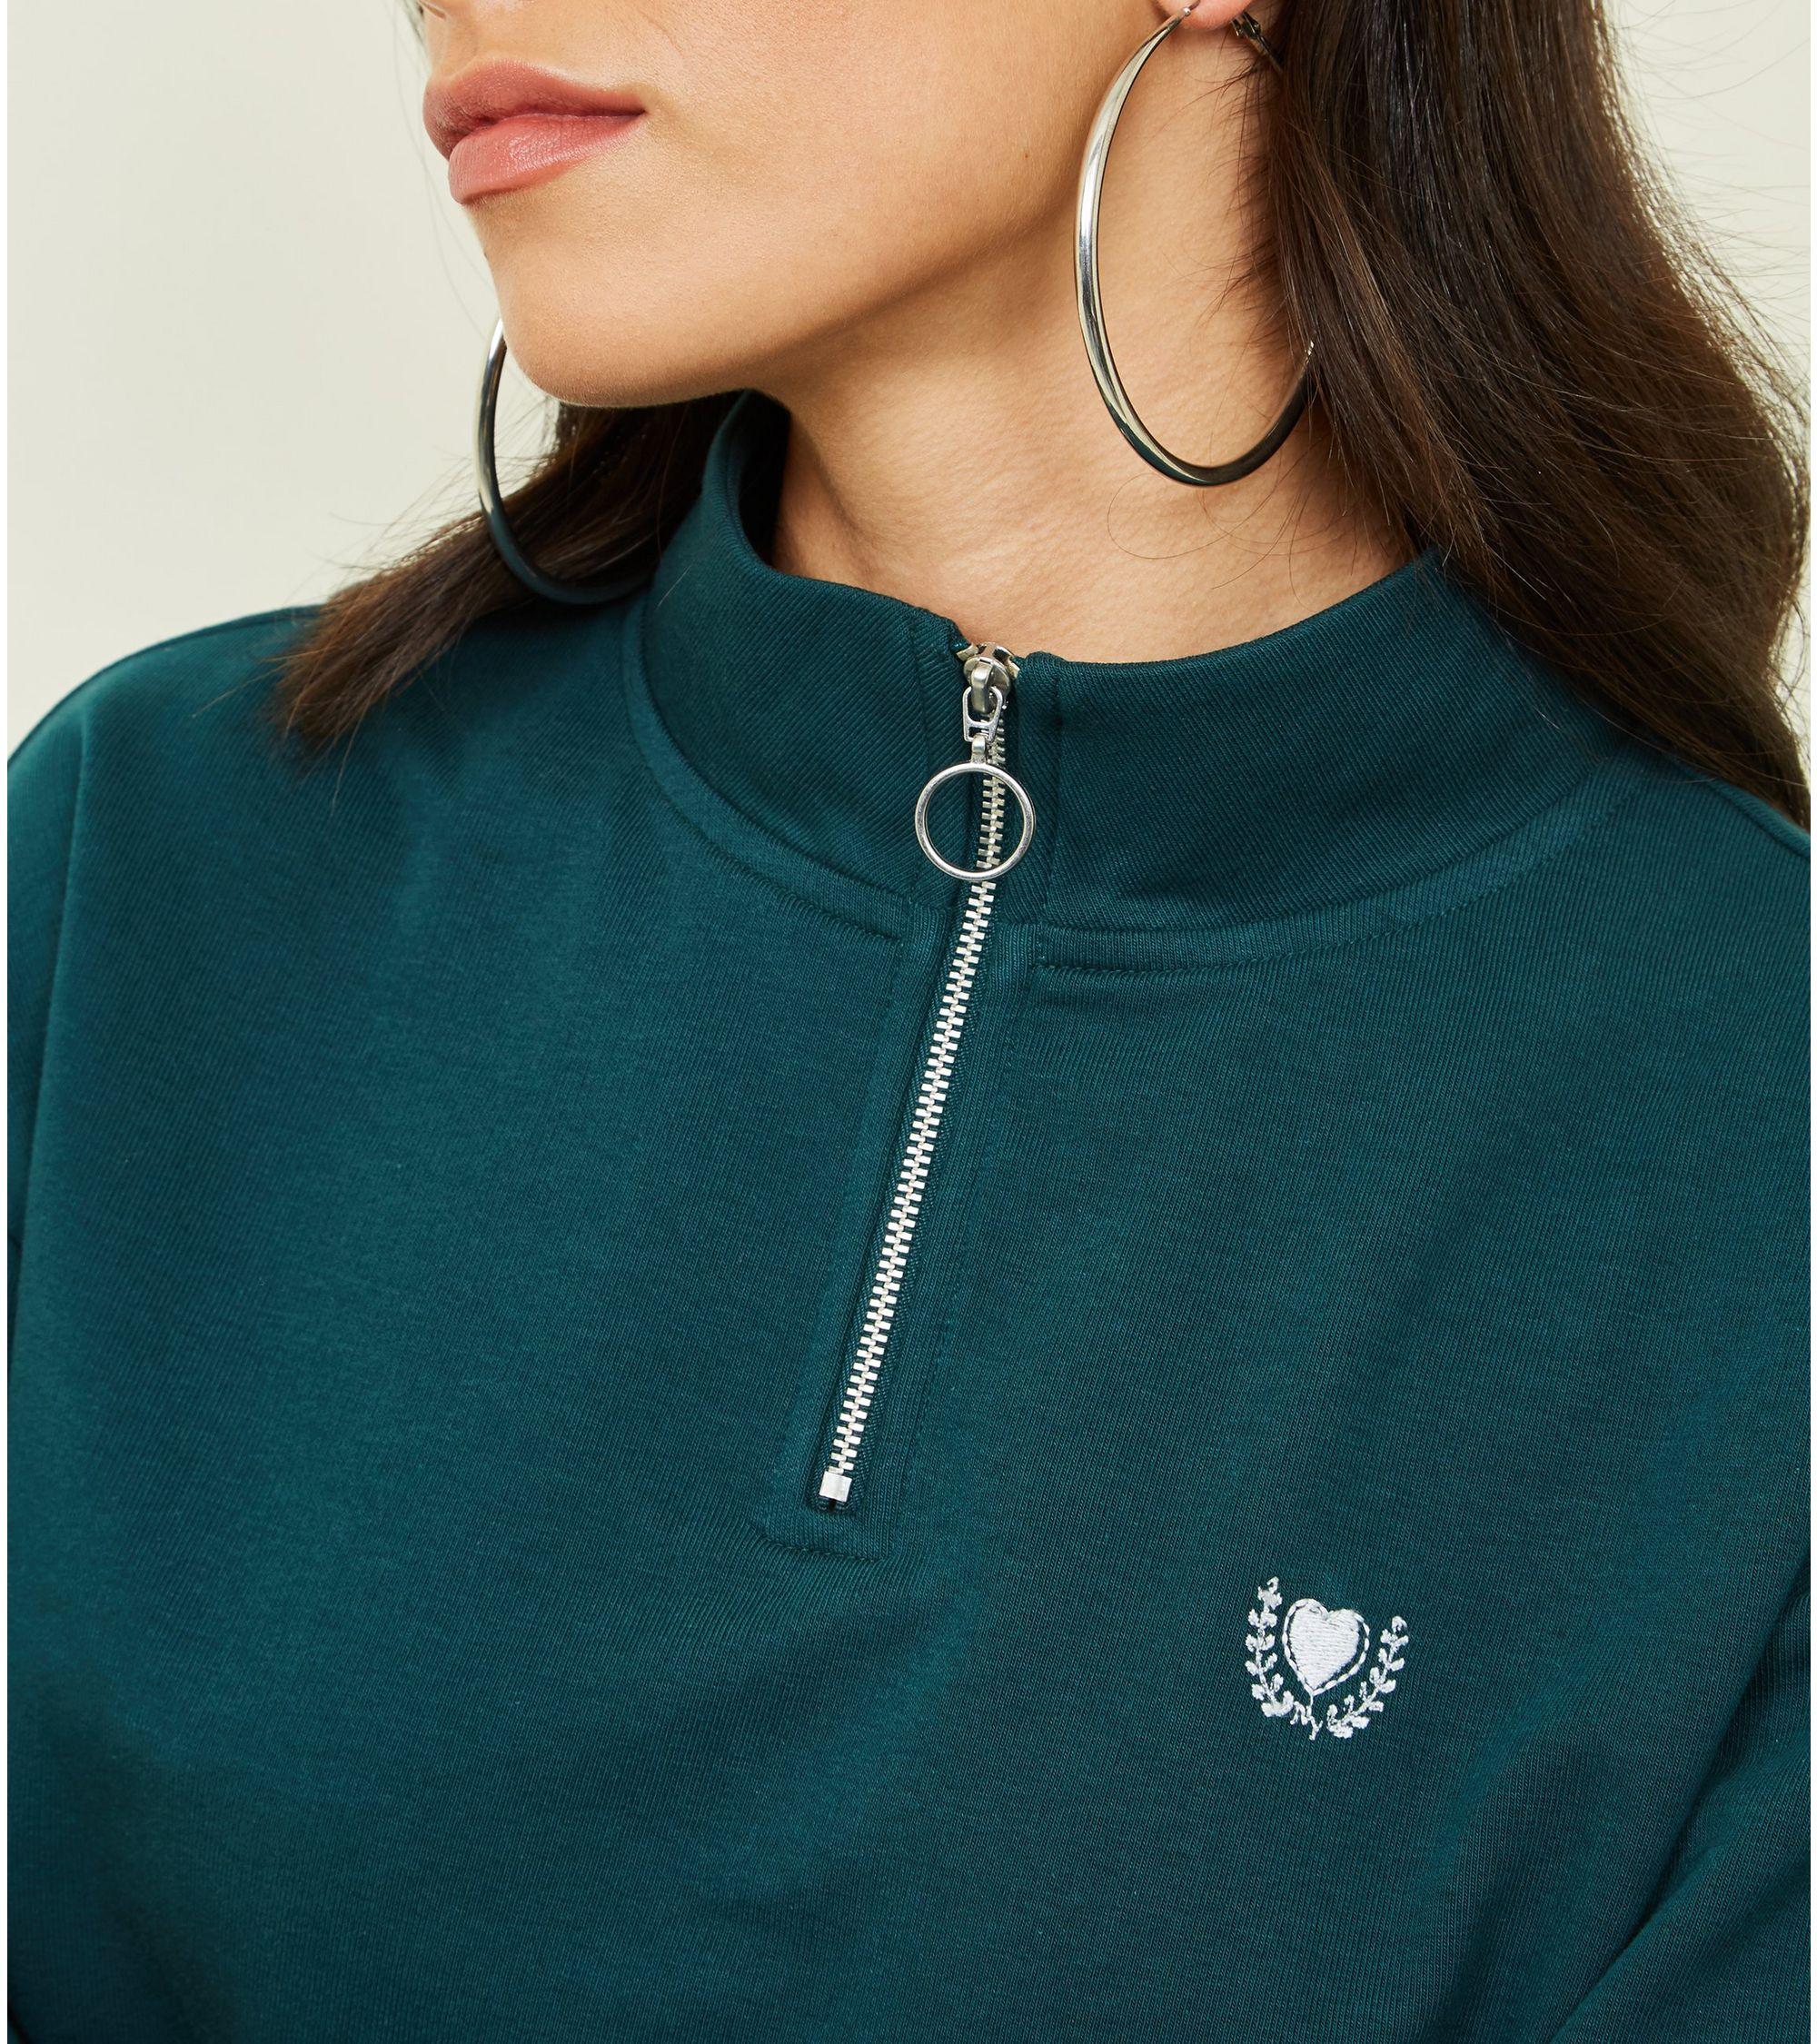 d0ded801835c New Look Dark Green Heart Crest Zip Neck Sweatshirt at £17.99